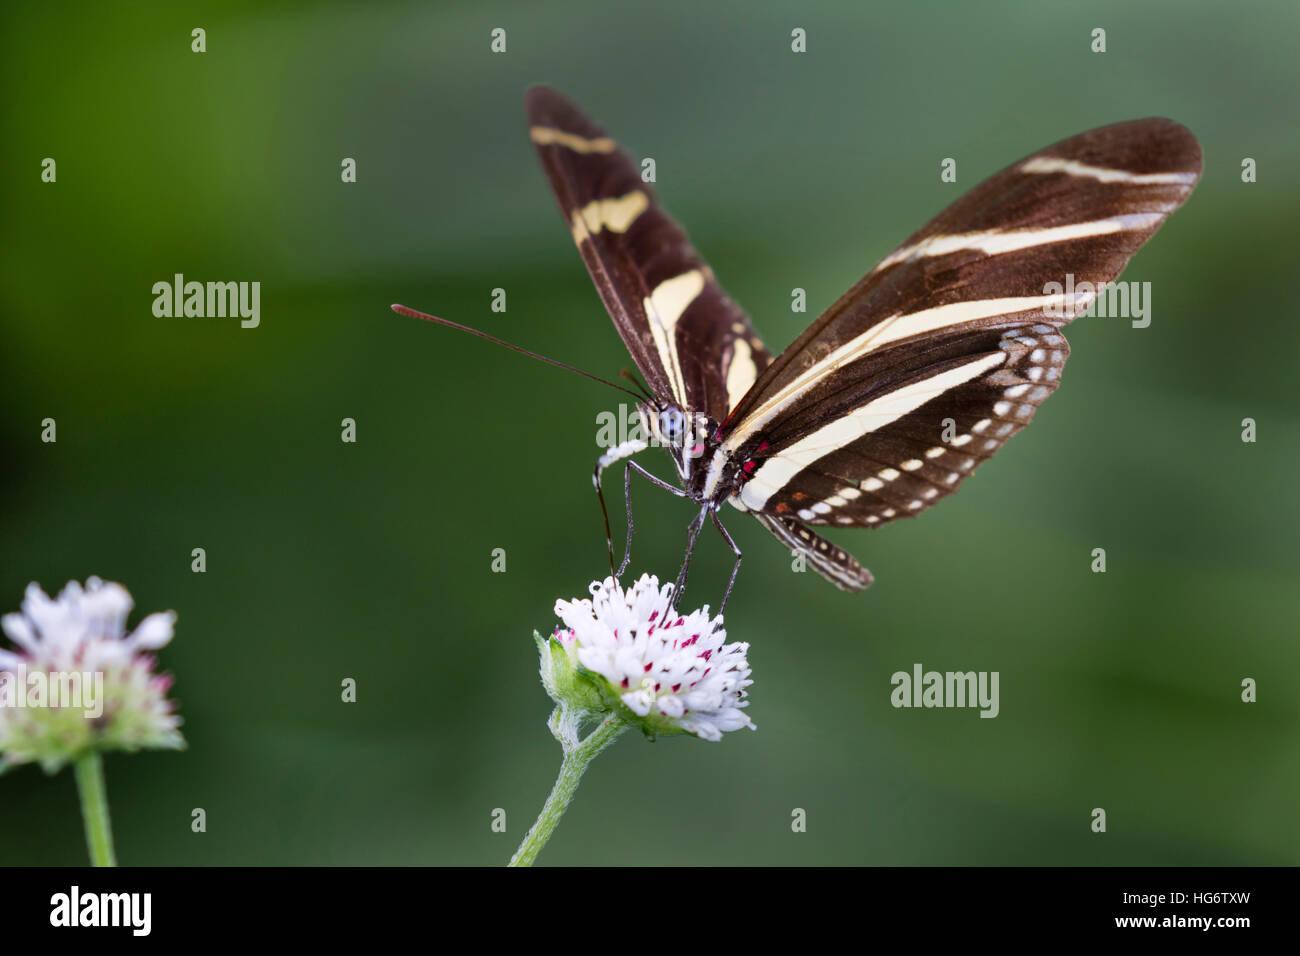 Zebra Longwing Butterfly (Heliconius charitonius) alimentazione su un fiore, Belize, America Centrale Immagini Stock